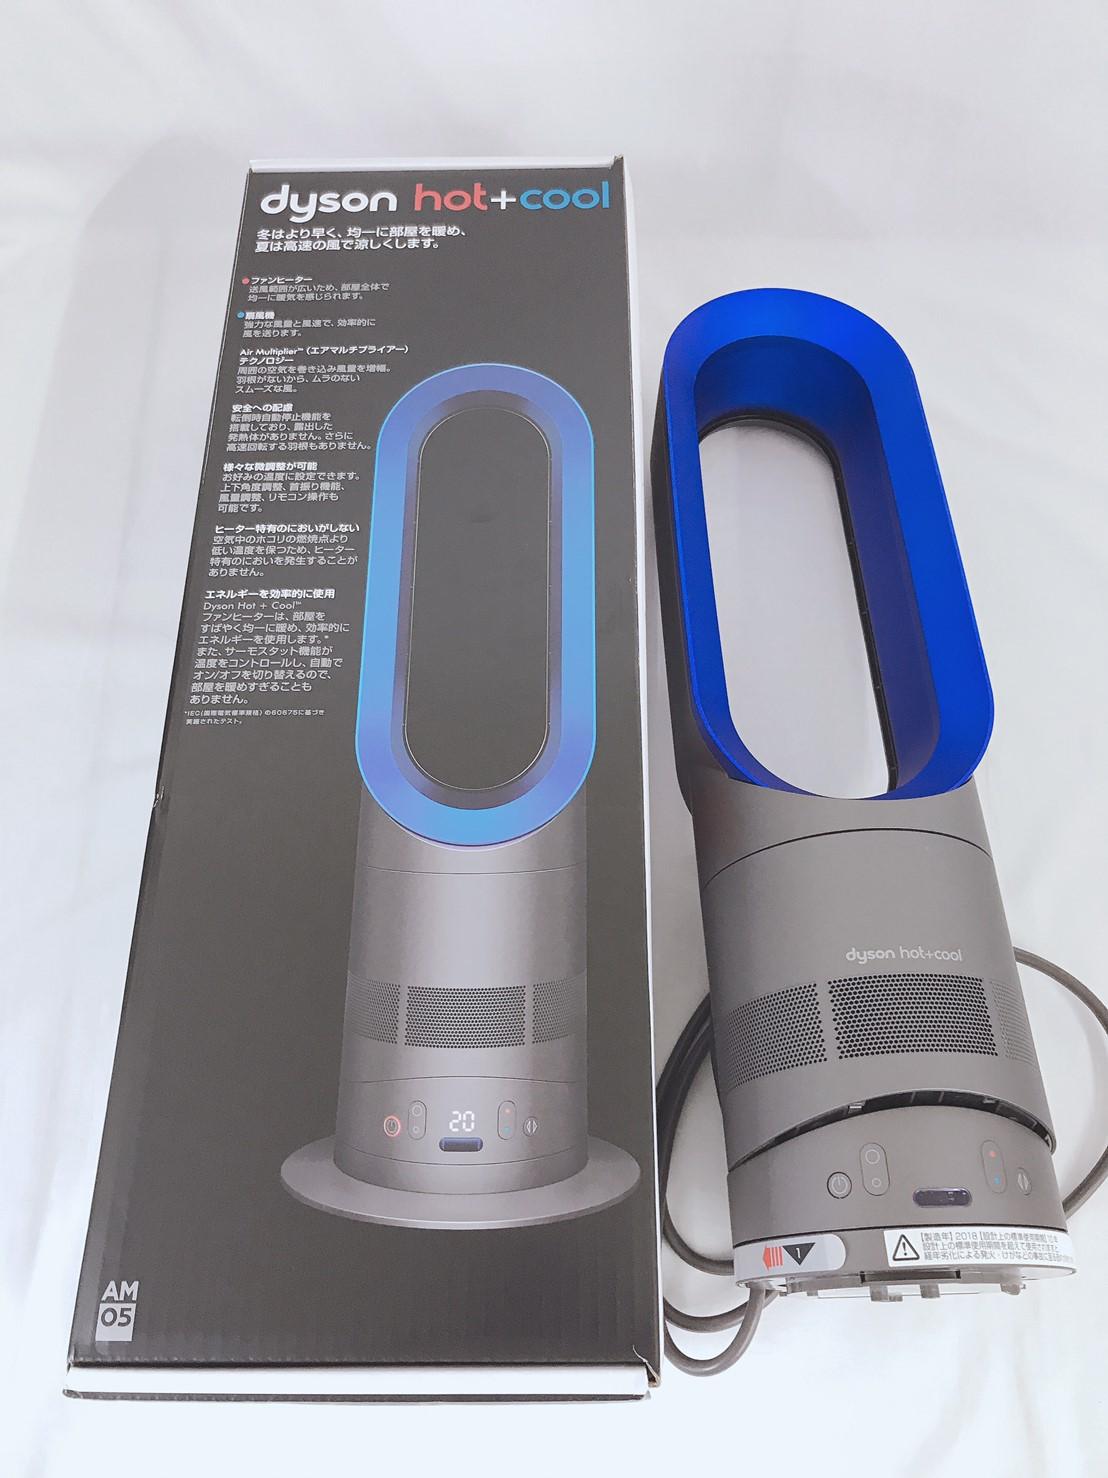 【家電・日用品】こんなの買取りました!(`・ω・´)ゞ《スピーカー・アンプ ロックフォード 掃除機 Dyson v7trigger Dyson hot &cool AM05》